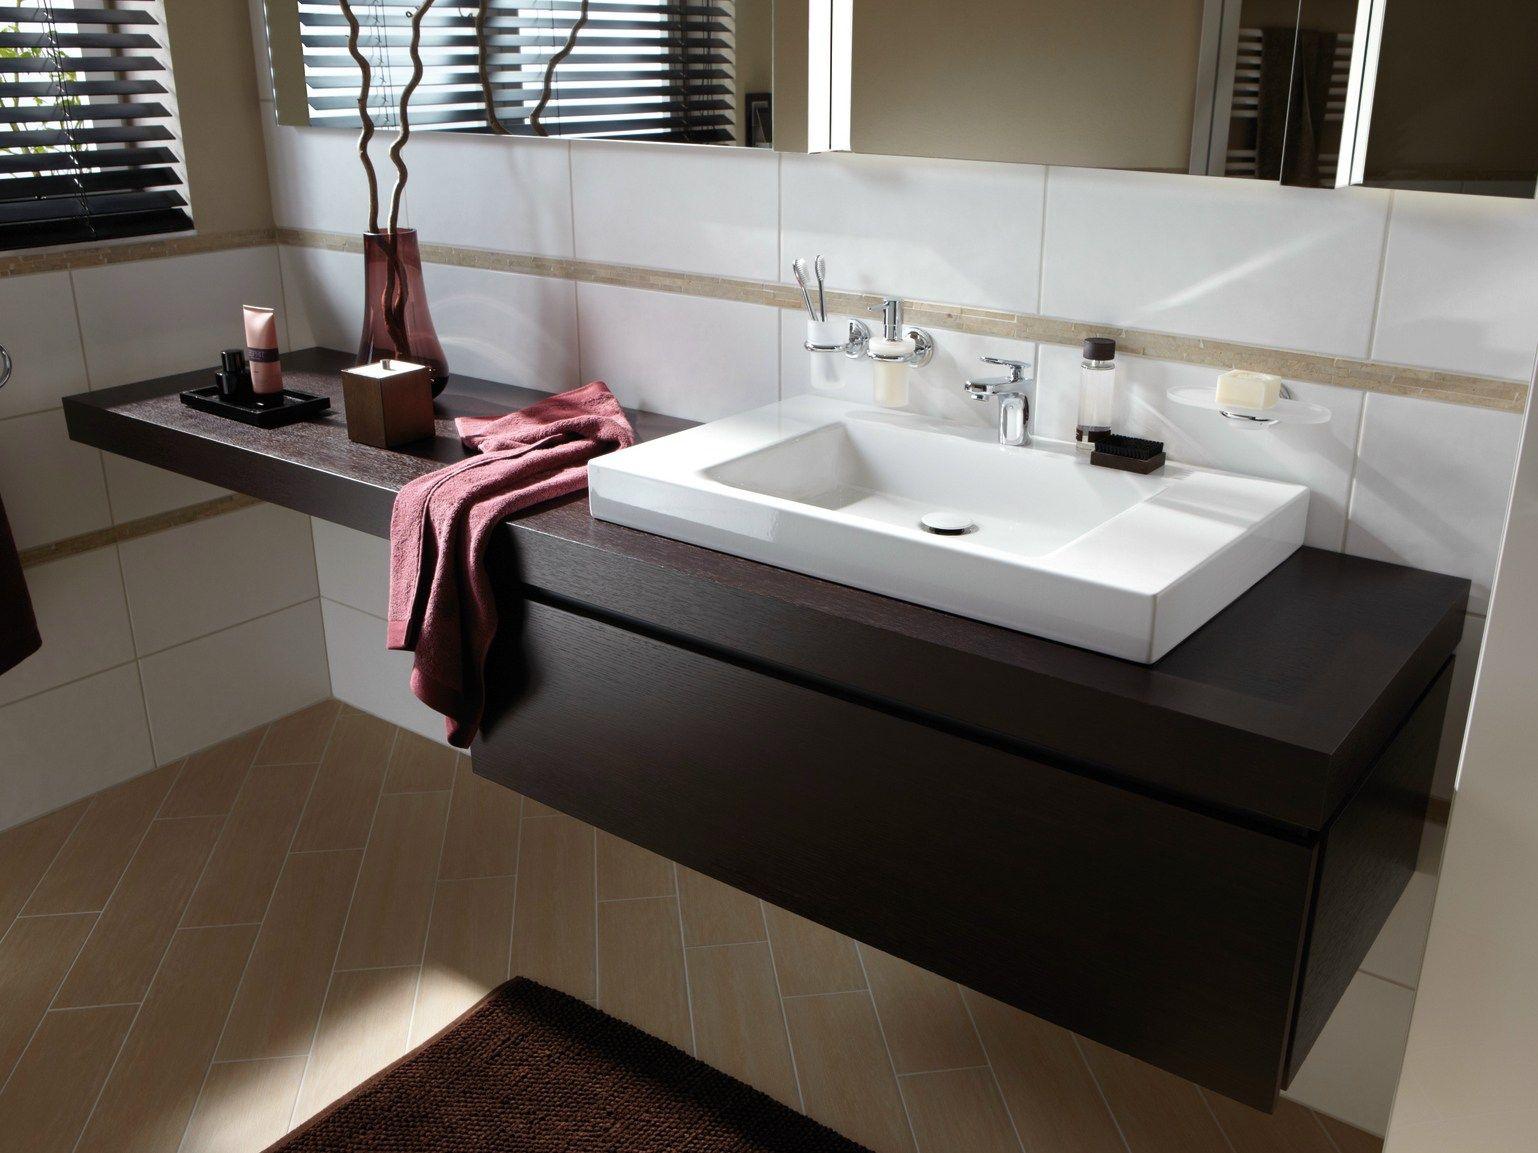 Mueble bajo lavabo simple de madera betteroom - Mueble bano bajo lavabo ...